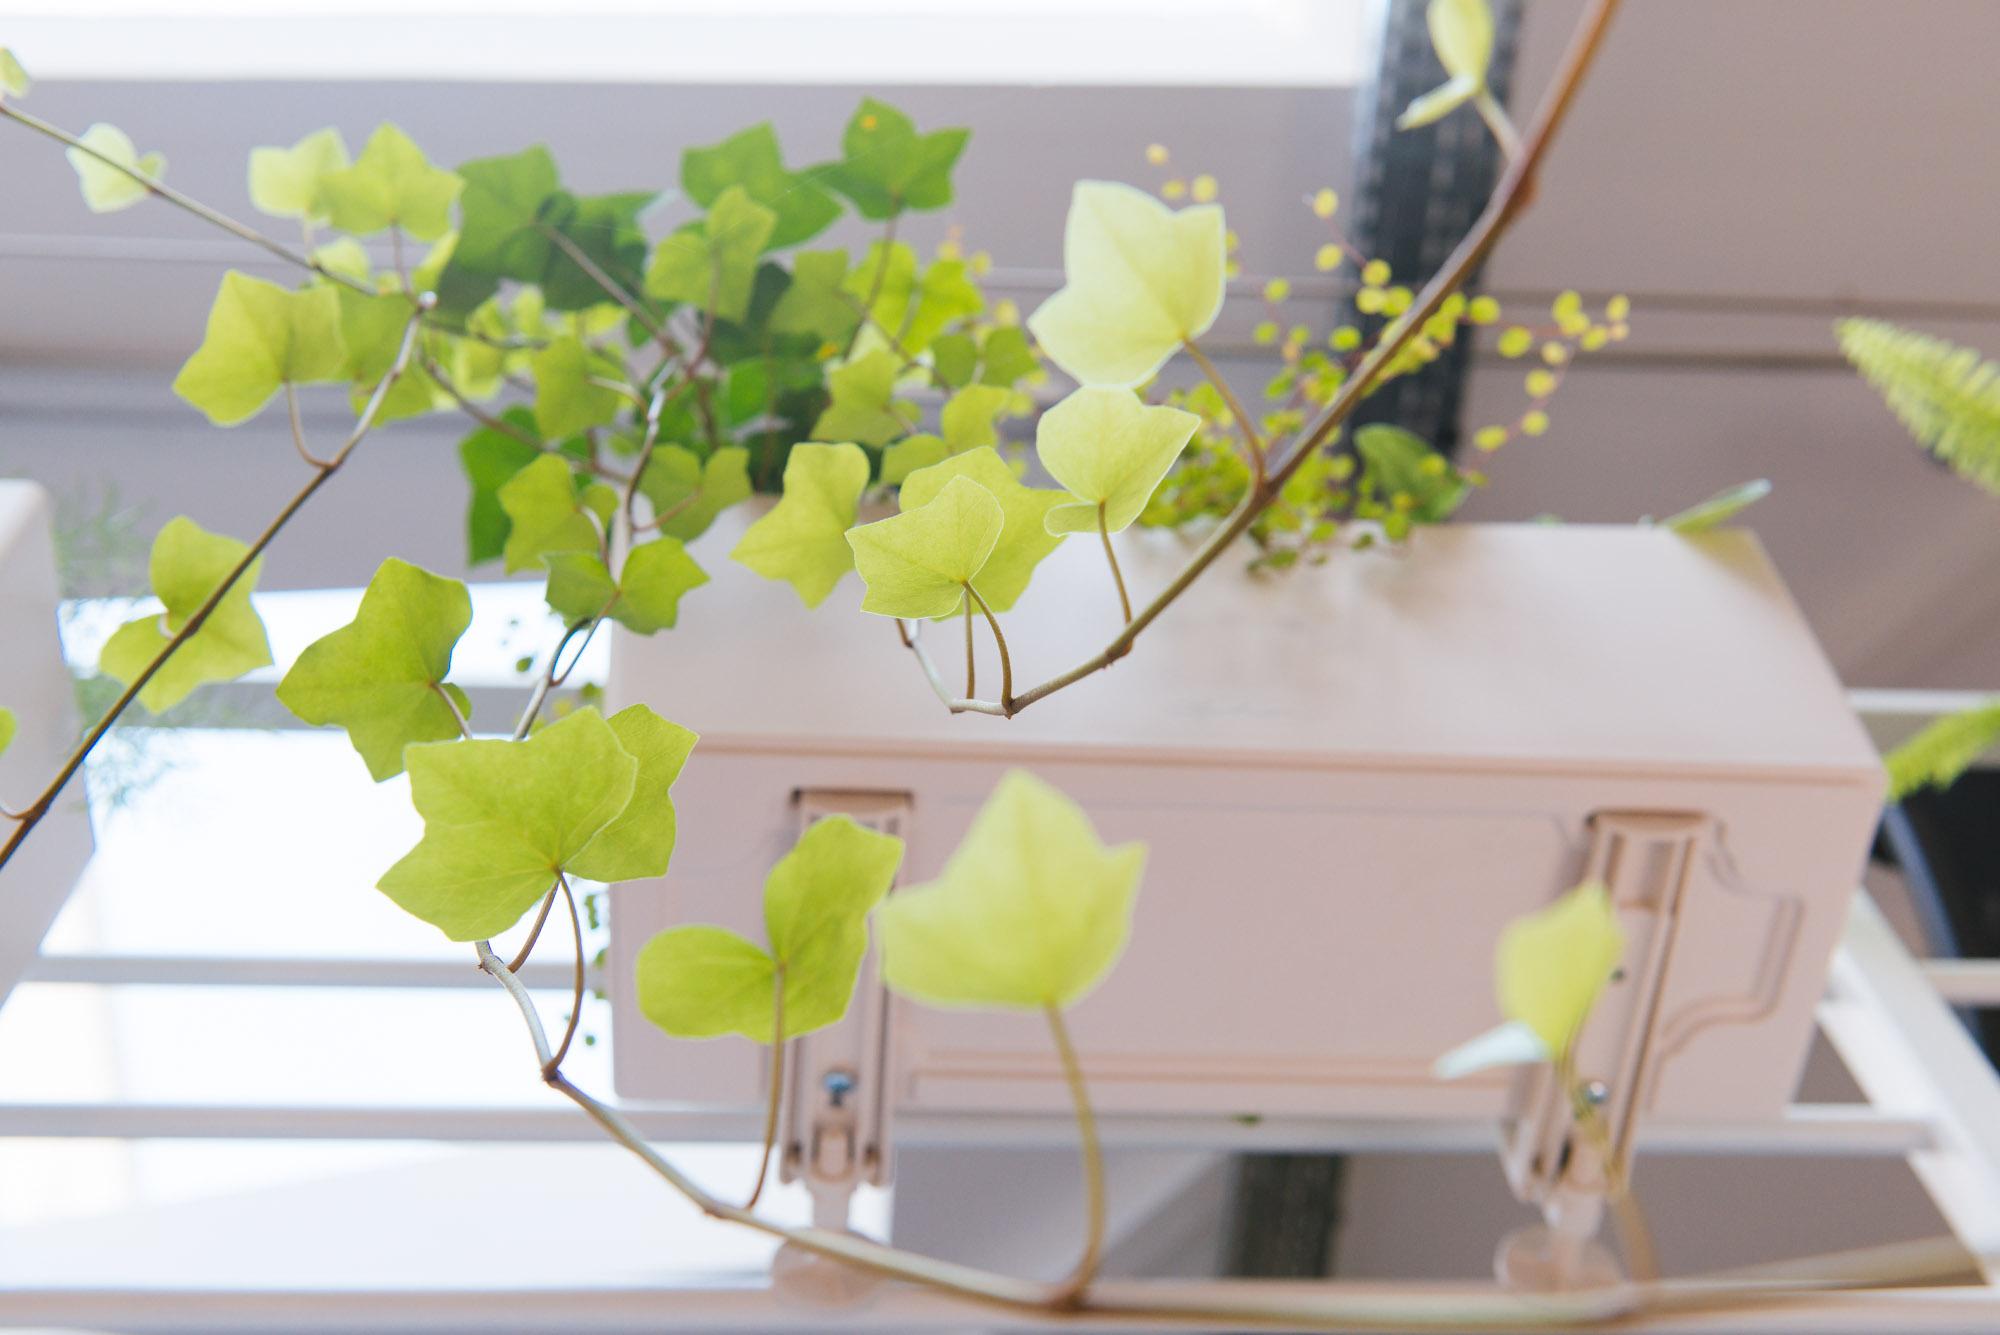 jardinières bureau lièrre végétalisation bureaux décoration végétale d'intérieur